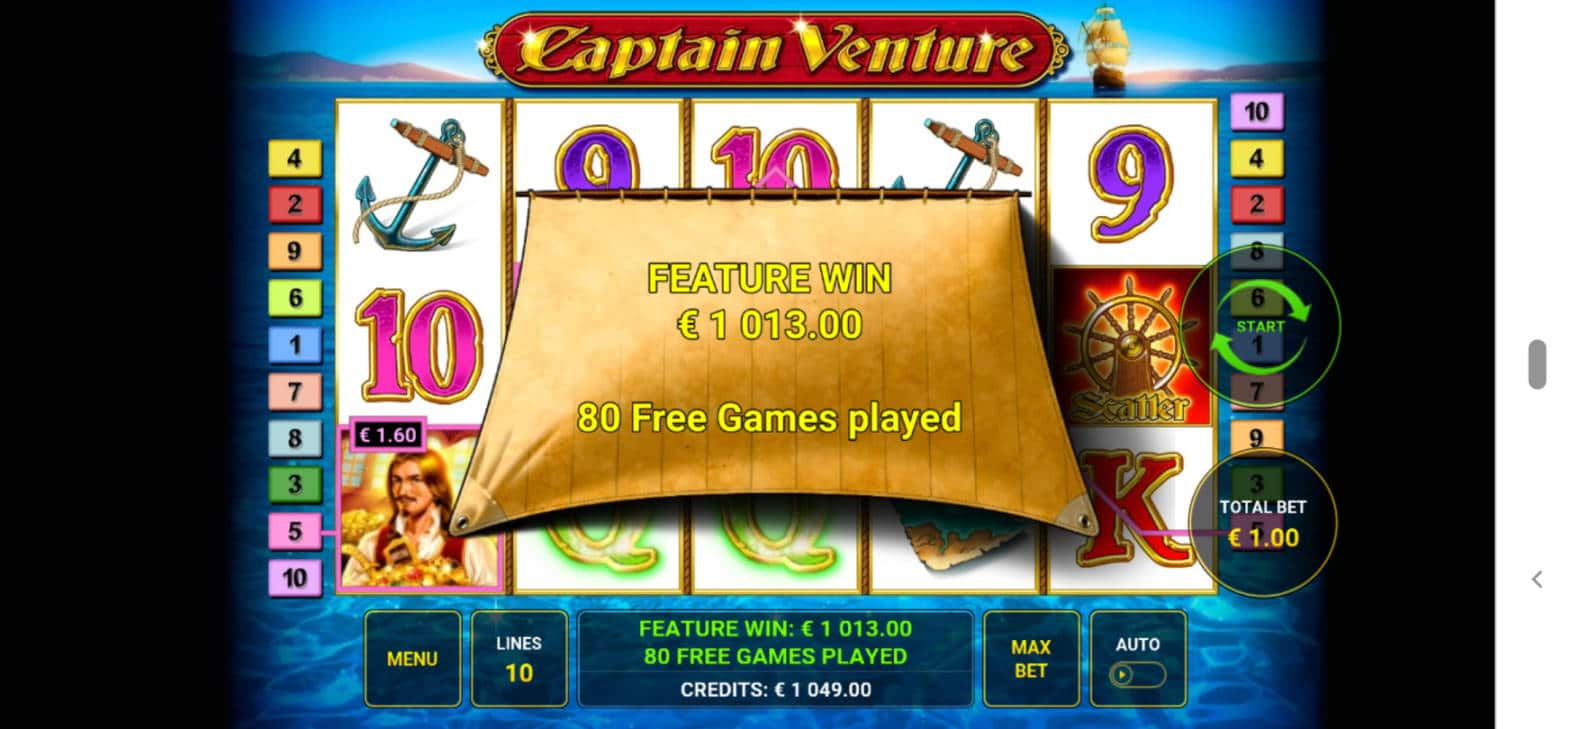 Captain Venture Casino win picture by Kasperi001 6.6.2021 1013e 1013X